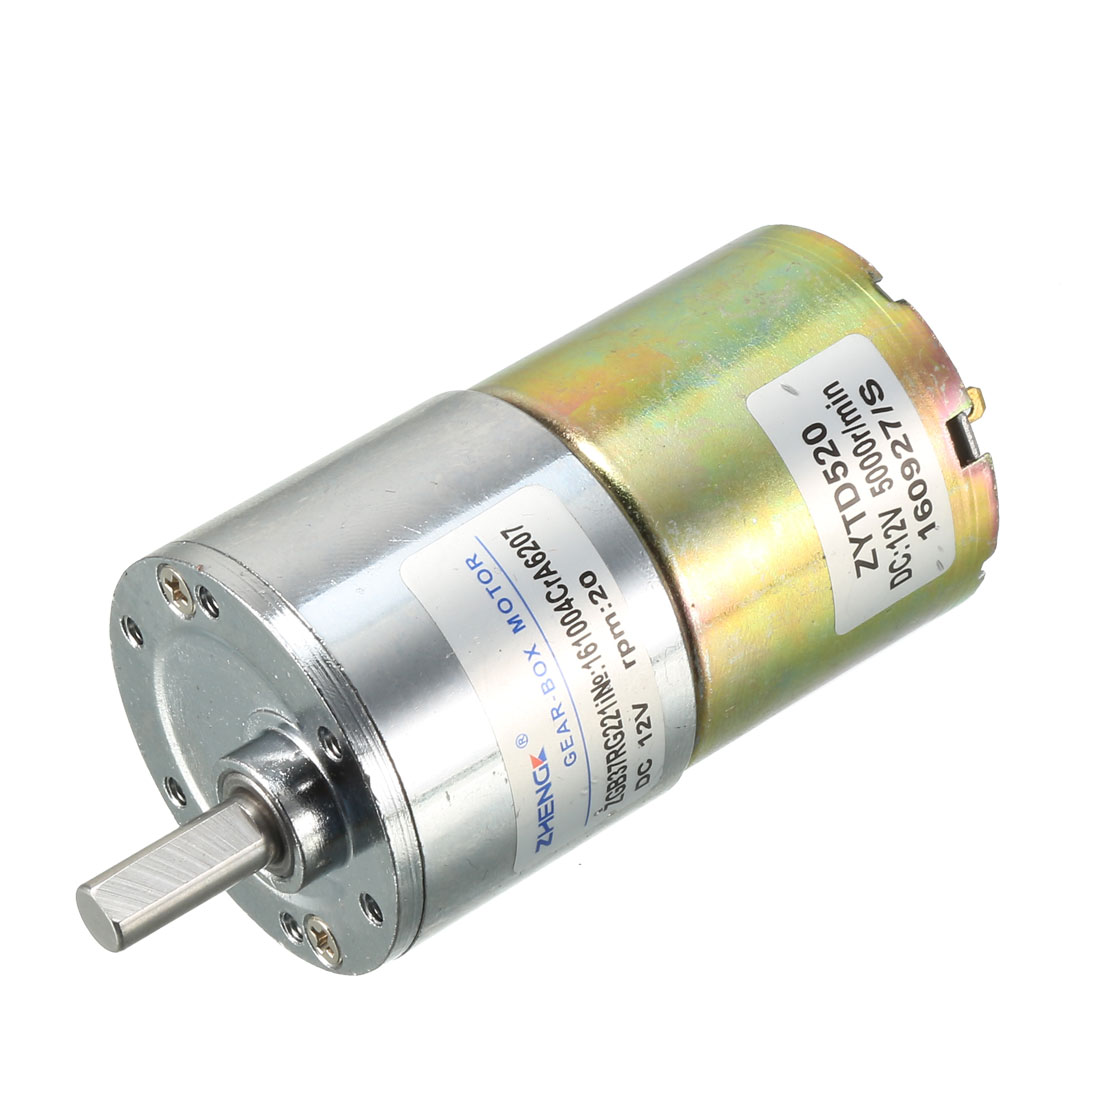 DFGB37RG-224i Cylinder Shape DC 12V Speed 20 RPM Geared Motor